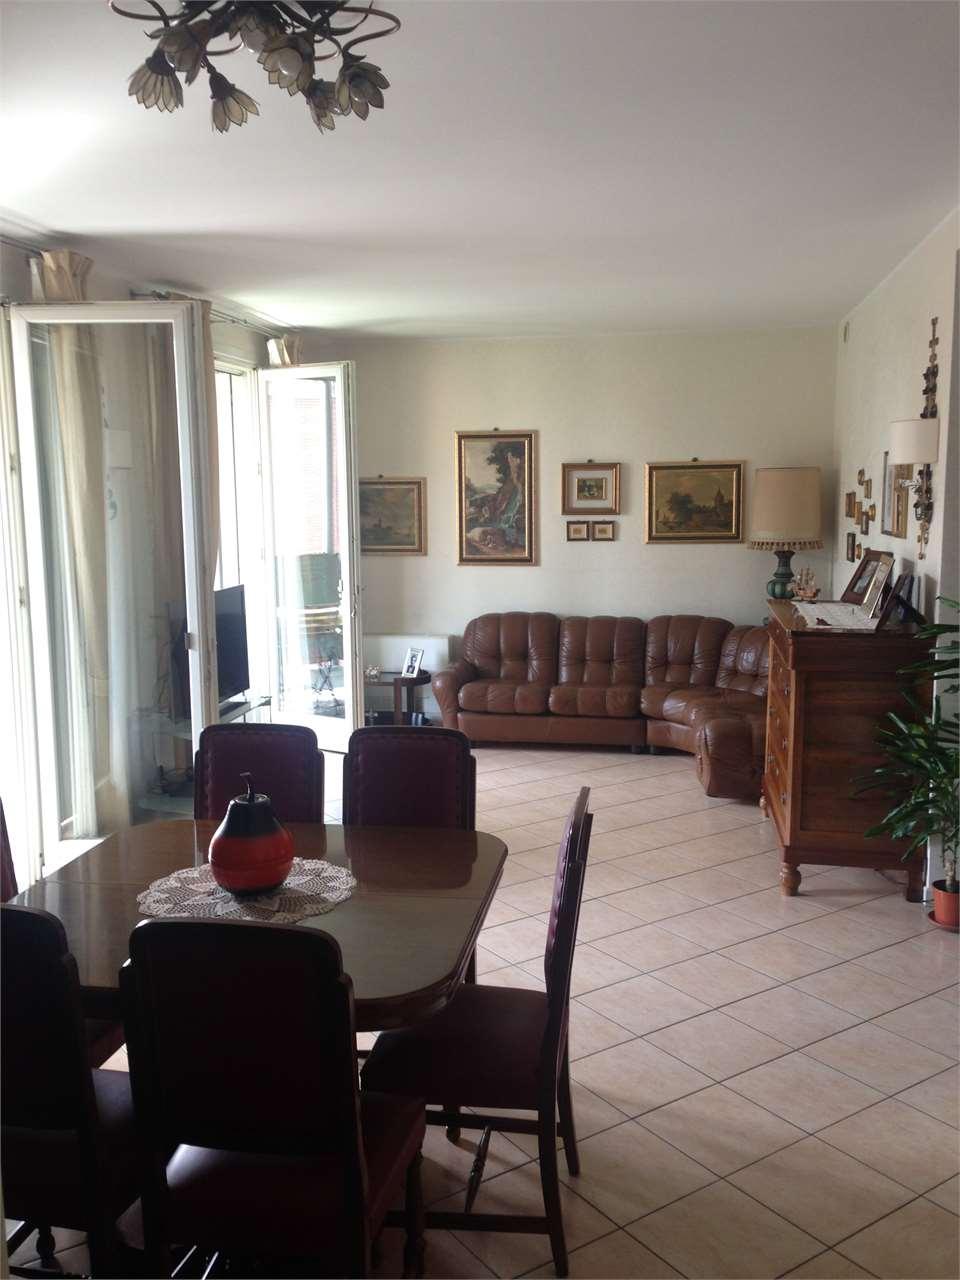 Appartamento in vendita a Mantova, 4 locali, zona Zona: Borgo Chiesanuova, prezzo € 250.000 | CambioCasa.it